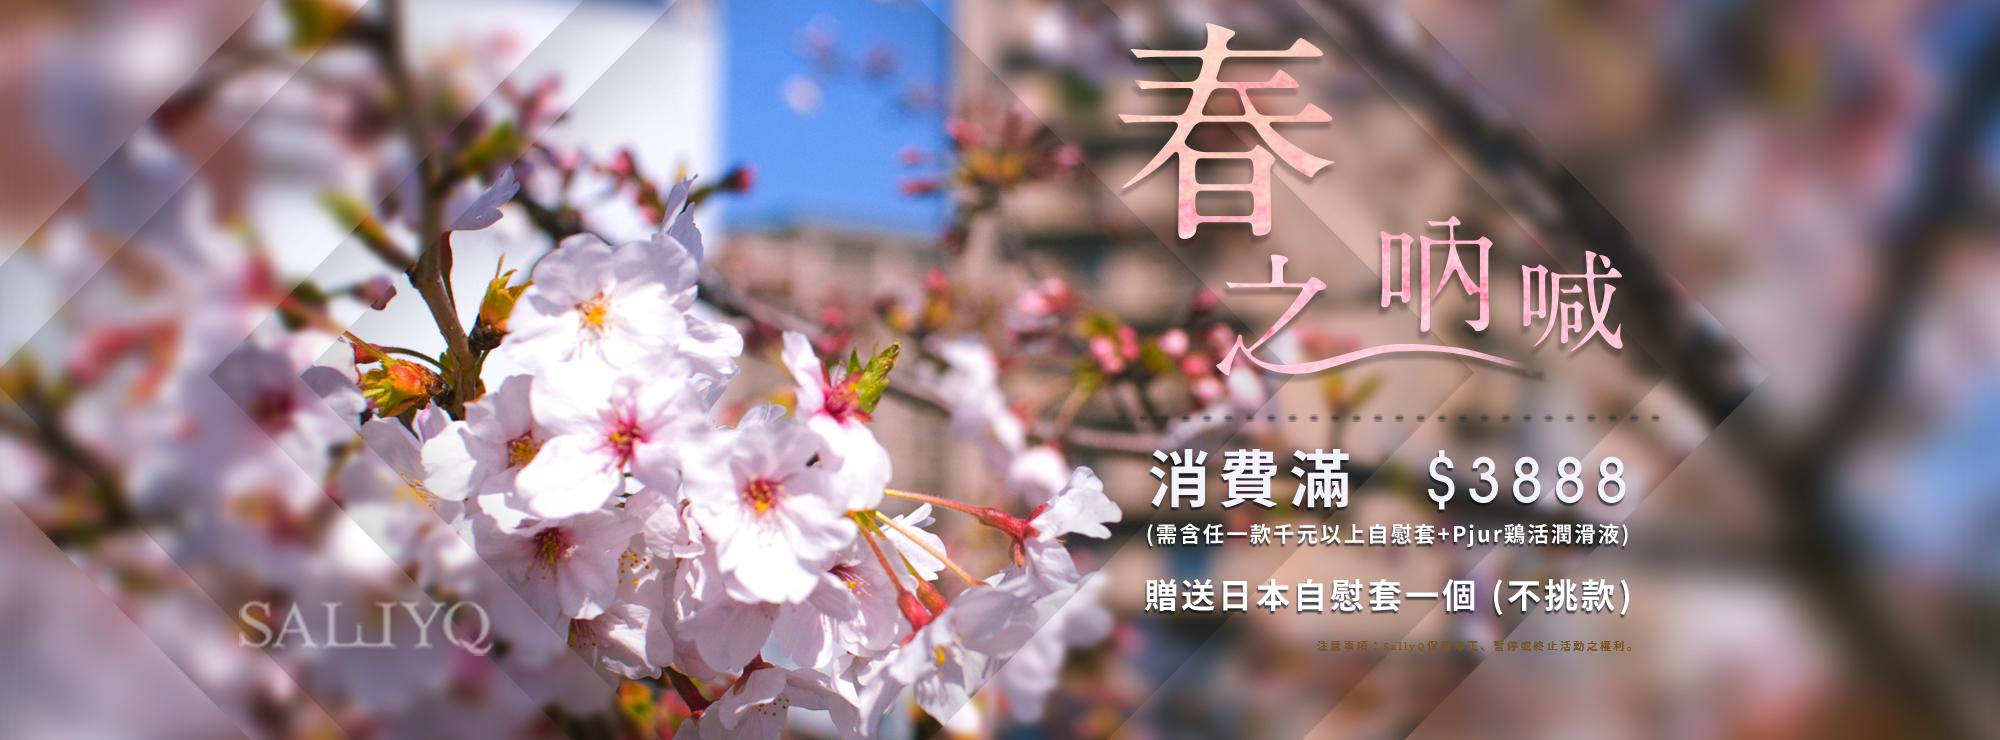 【春之吶喊】春季活動開跑~ 消費滿3888(需含千元自慰套及Pjur雞活潤滑液)贈送日本自慰套一個(不挑款)